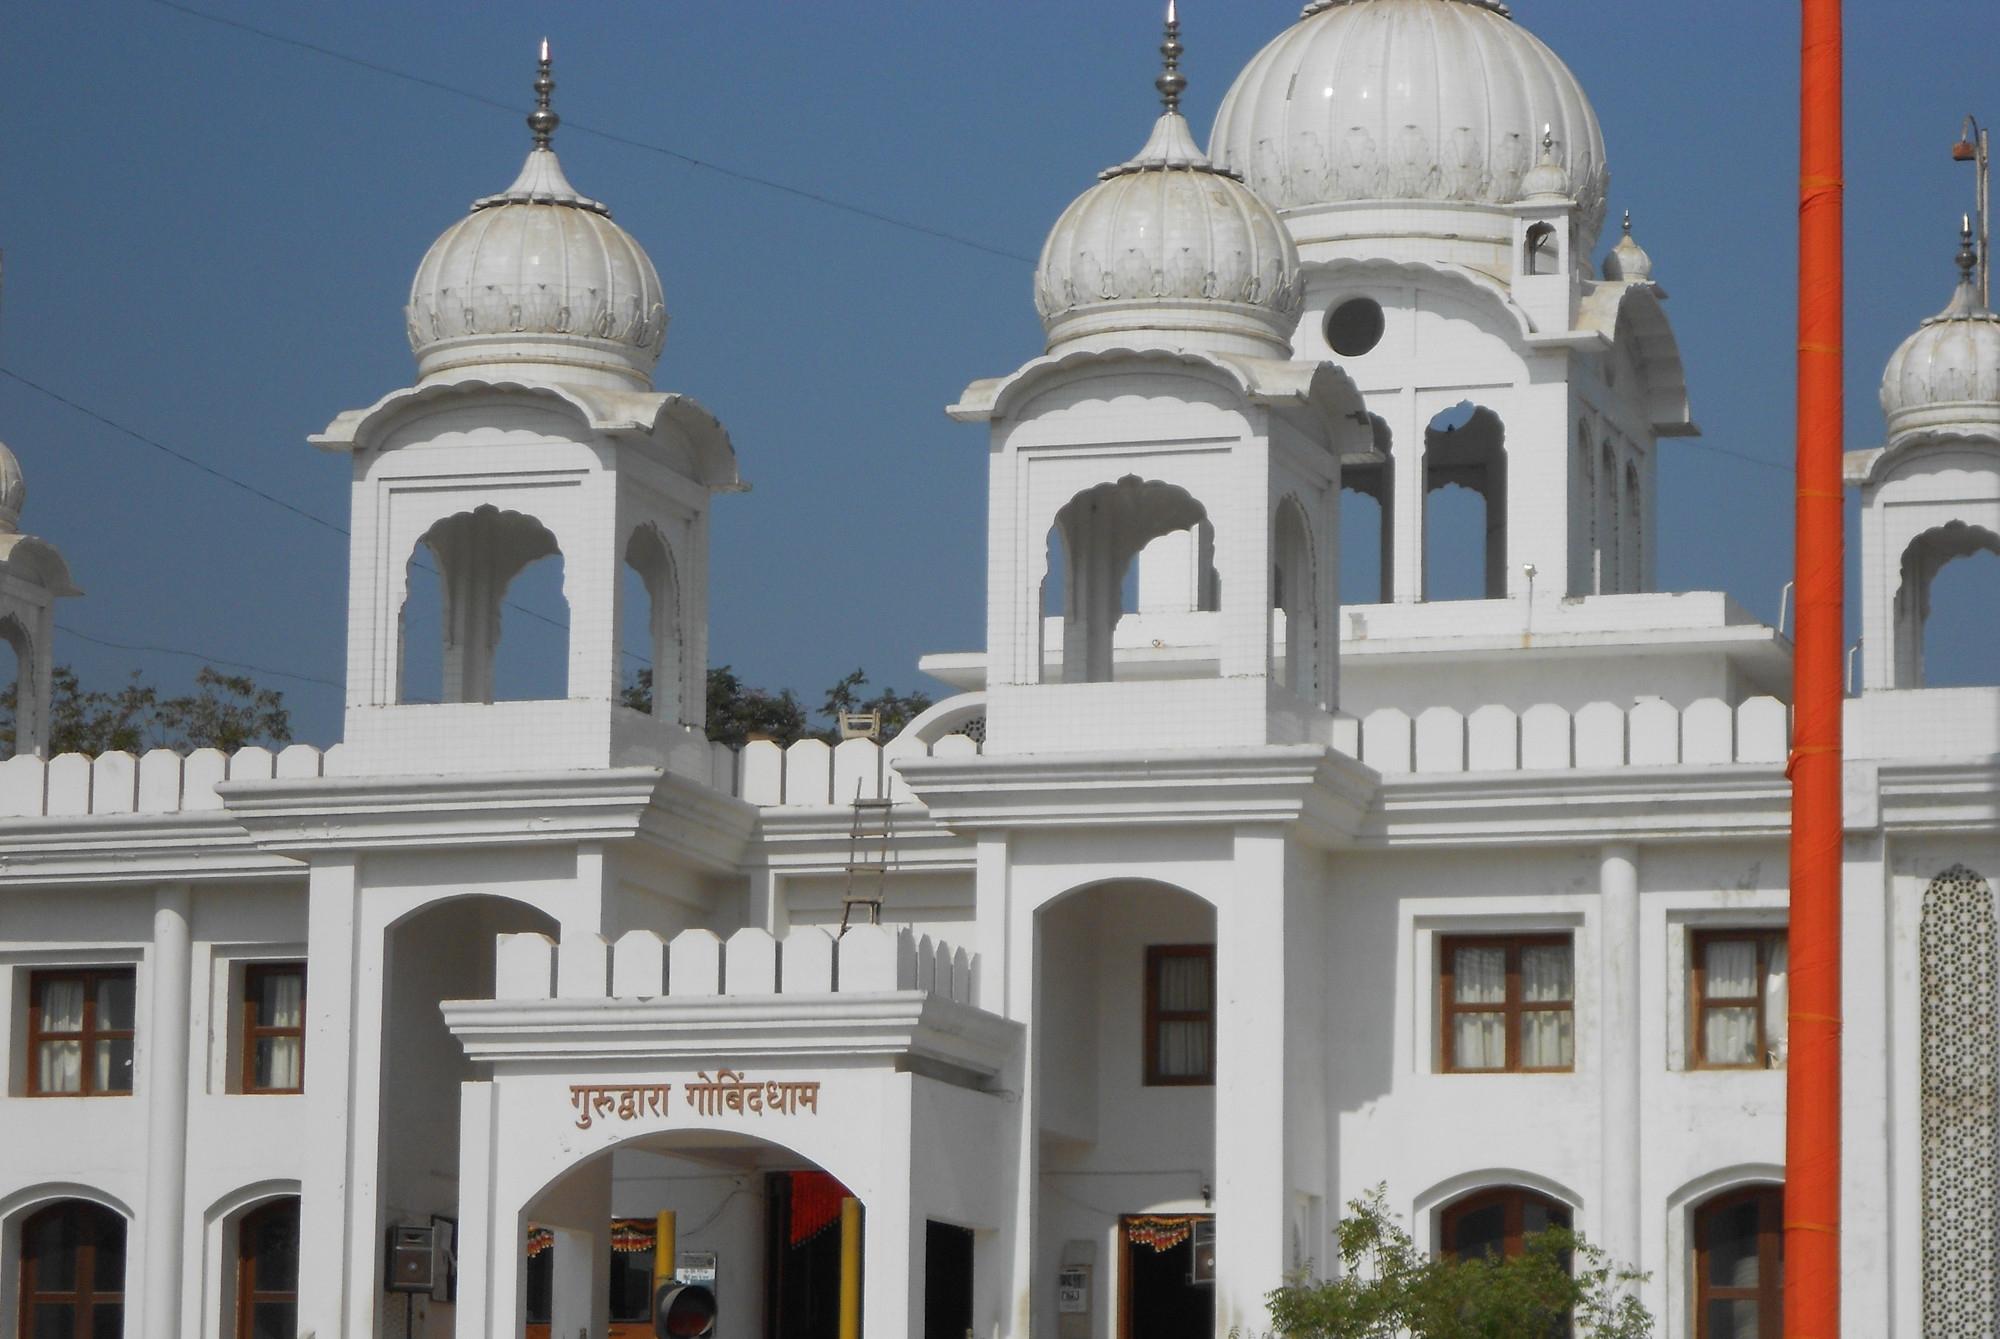 Ahmedabad India  City new picture : ... :GURUDWARA GOVINDDHAM,AHMEDABAD,GUJARAT,INDIA Wikimedia Commons